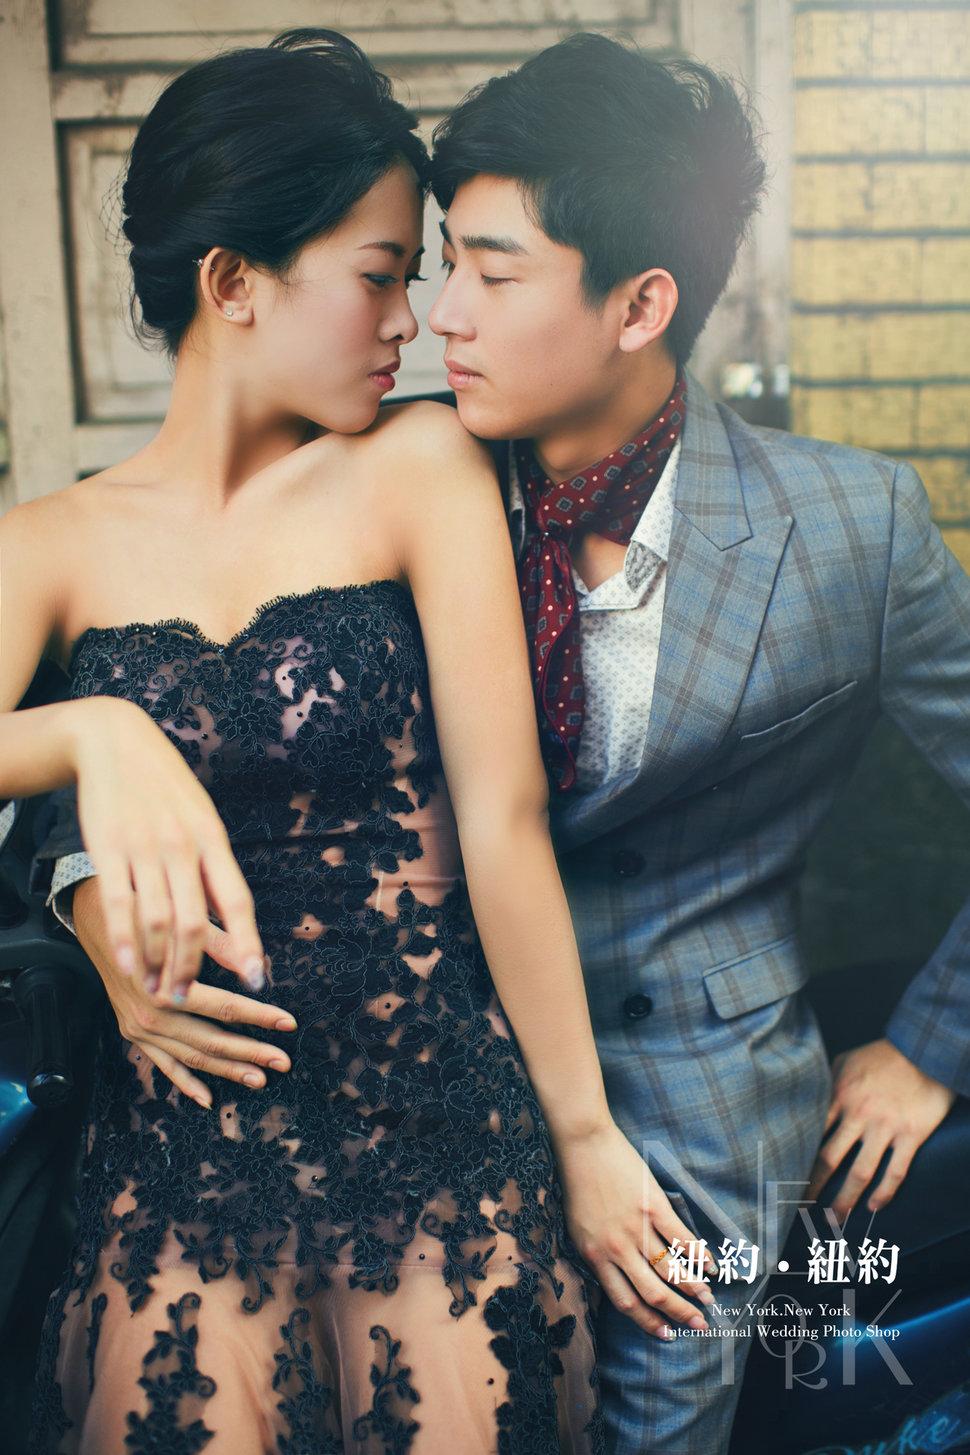 【新人作品│晟皓&妙莉】(編號:431633) - 紐約紐約國際婚紗攝影館 - 嘉義 - 結婚吧一站式婚禮服務平台